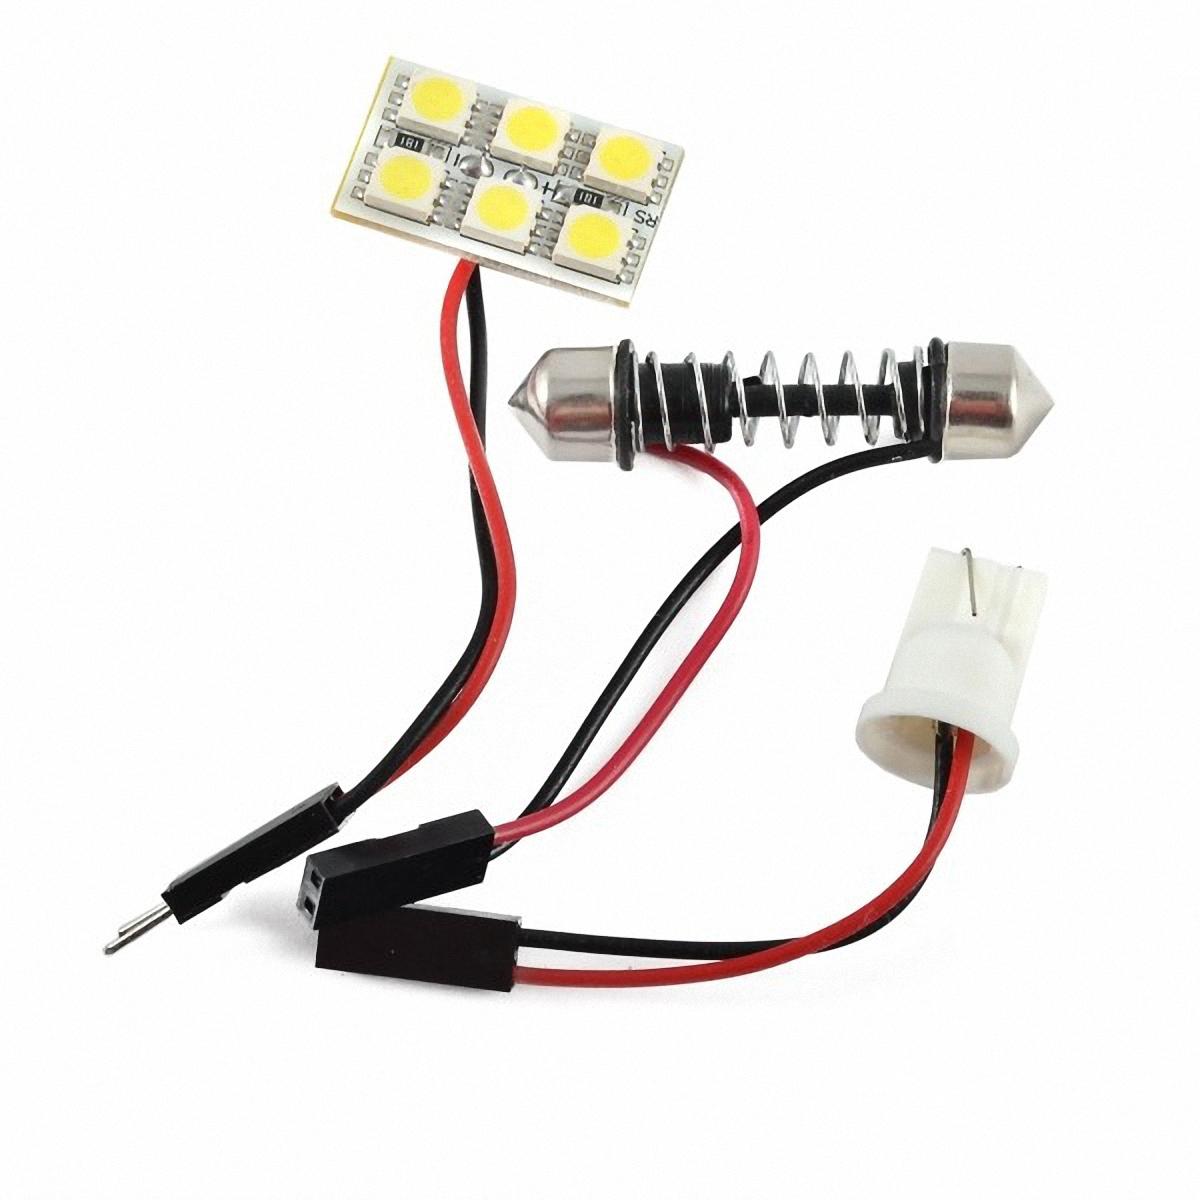 Skyway Панель светодиодная 6 SMD диодов Белая. SCX-0650SCX-0650Светодиодные панели имеют значительно больший срок службы, потребляют намного меньше электроэнергии и выдают свет значительно мягче и ровнее, чем те же люминесцентные лампы, не говоря уже о лампах накаливания.Они очень удобны, легко вставляются и достаточно практичны.